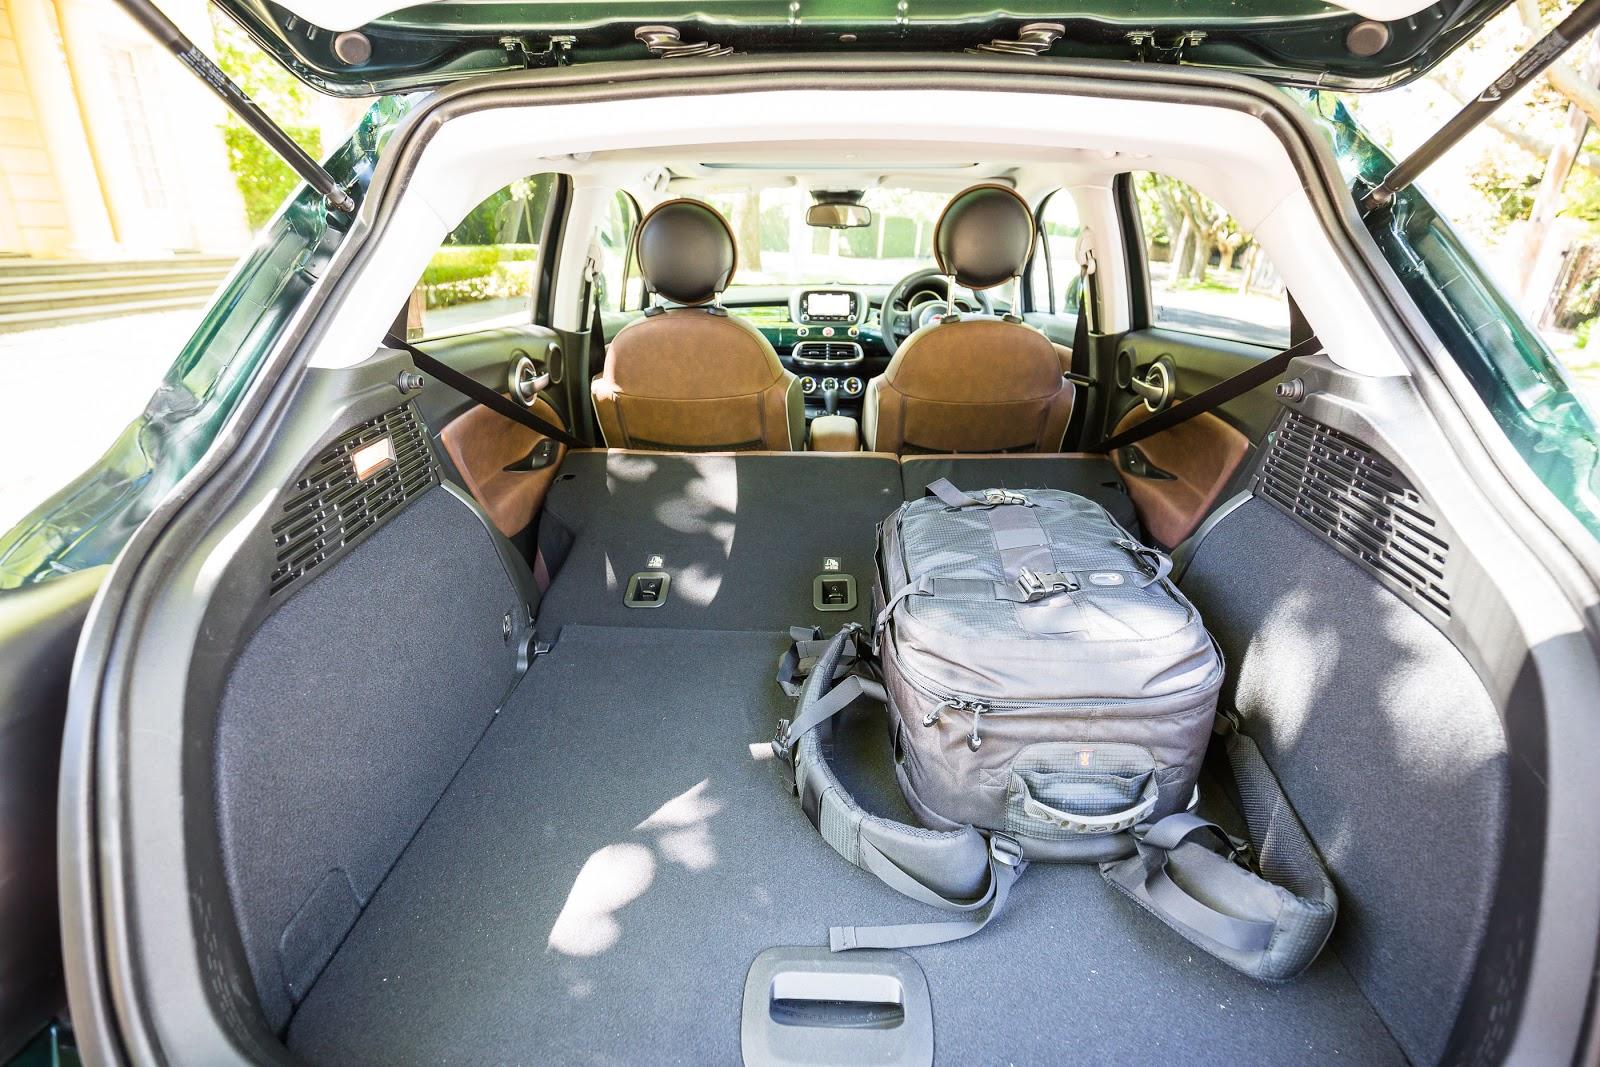 Khoang hành lý của Fiat 500X 2016 phải nói quá đã